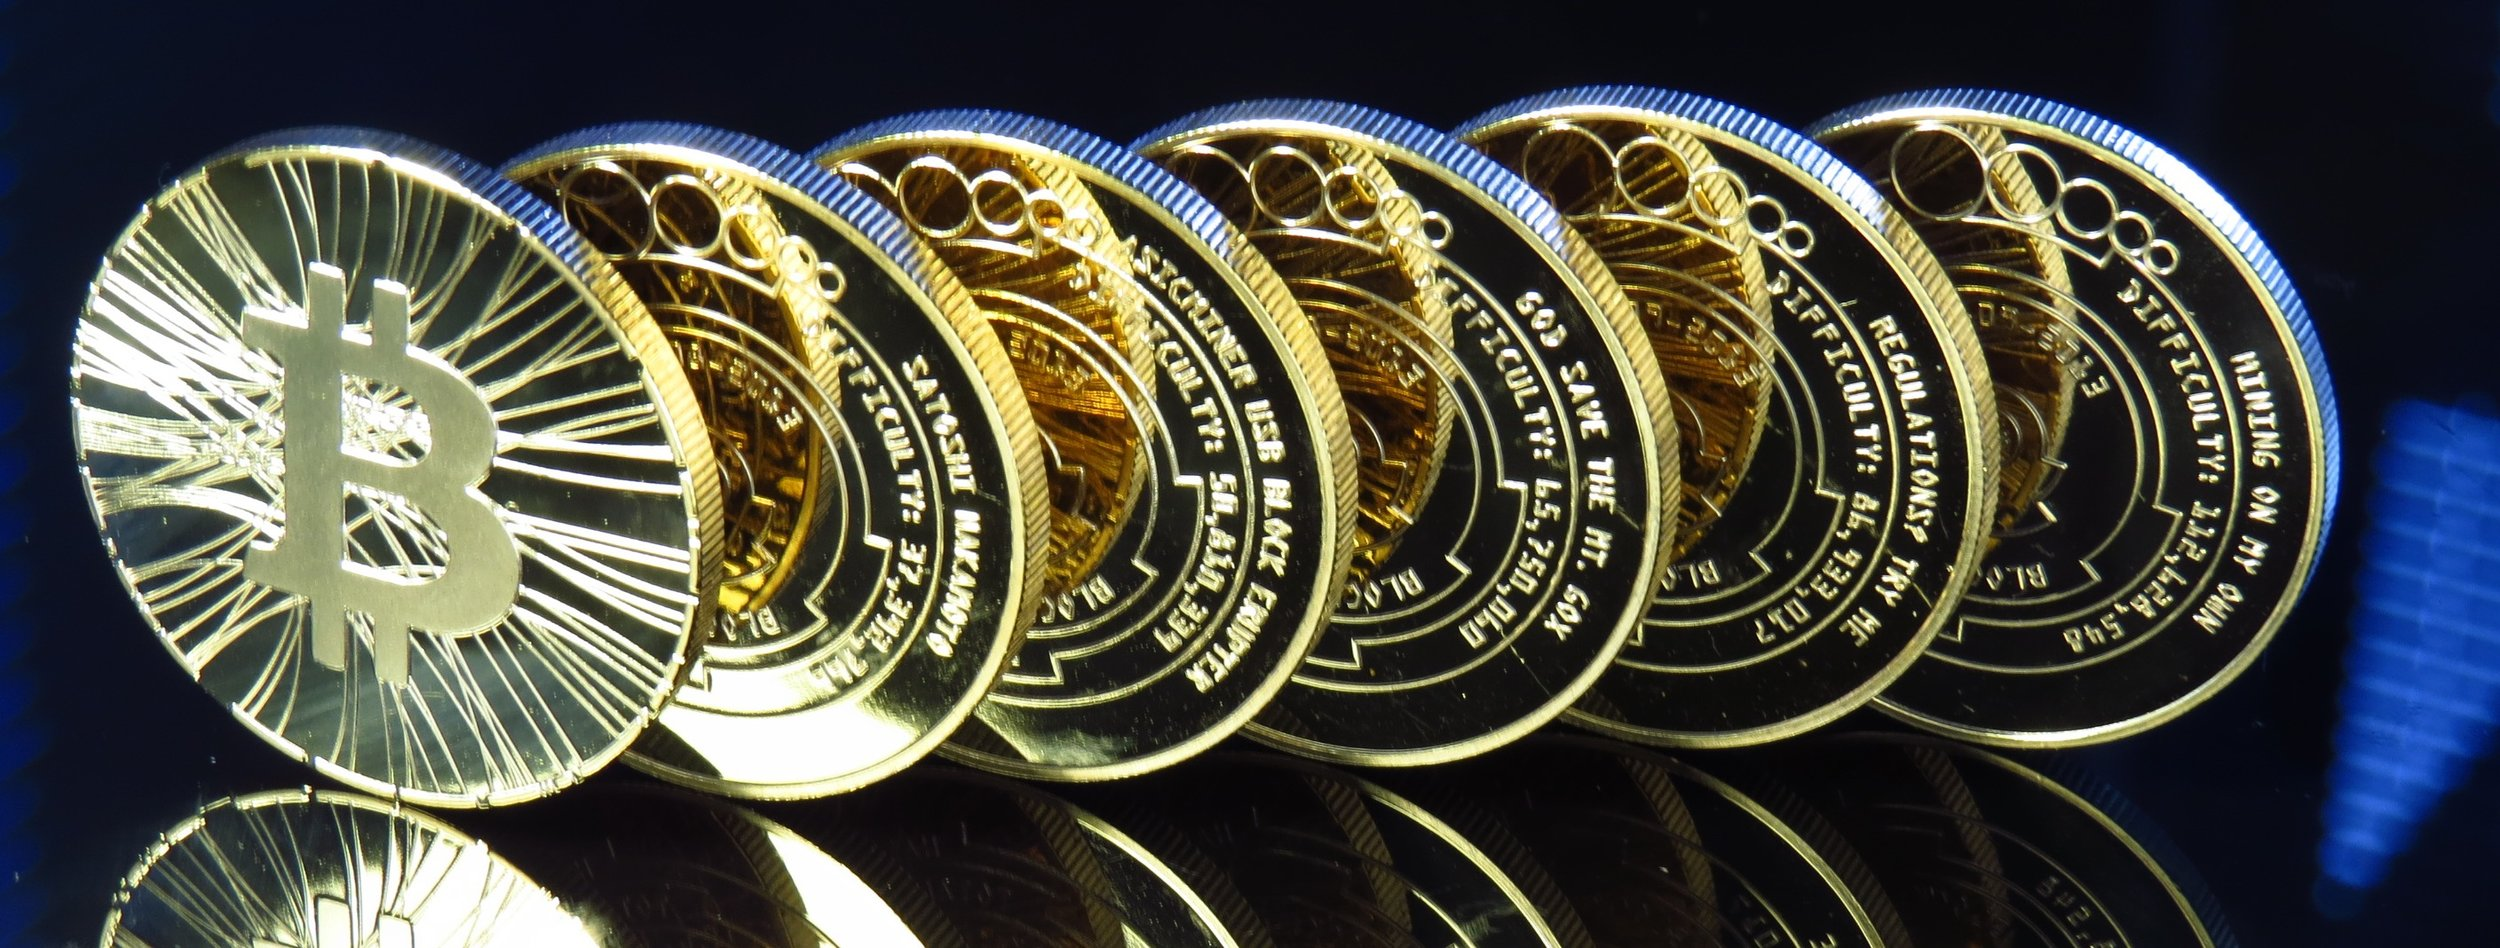 bitcoin banner image.jpg